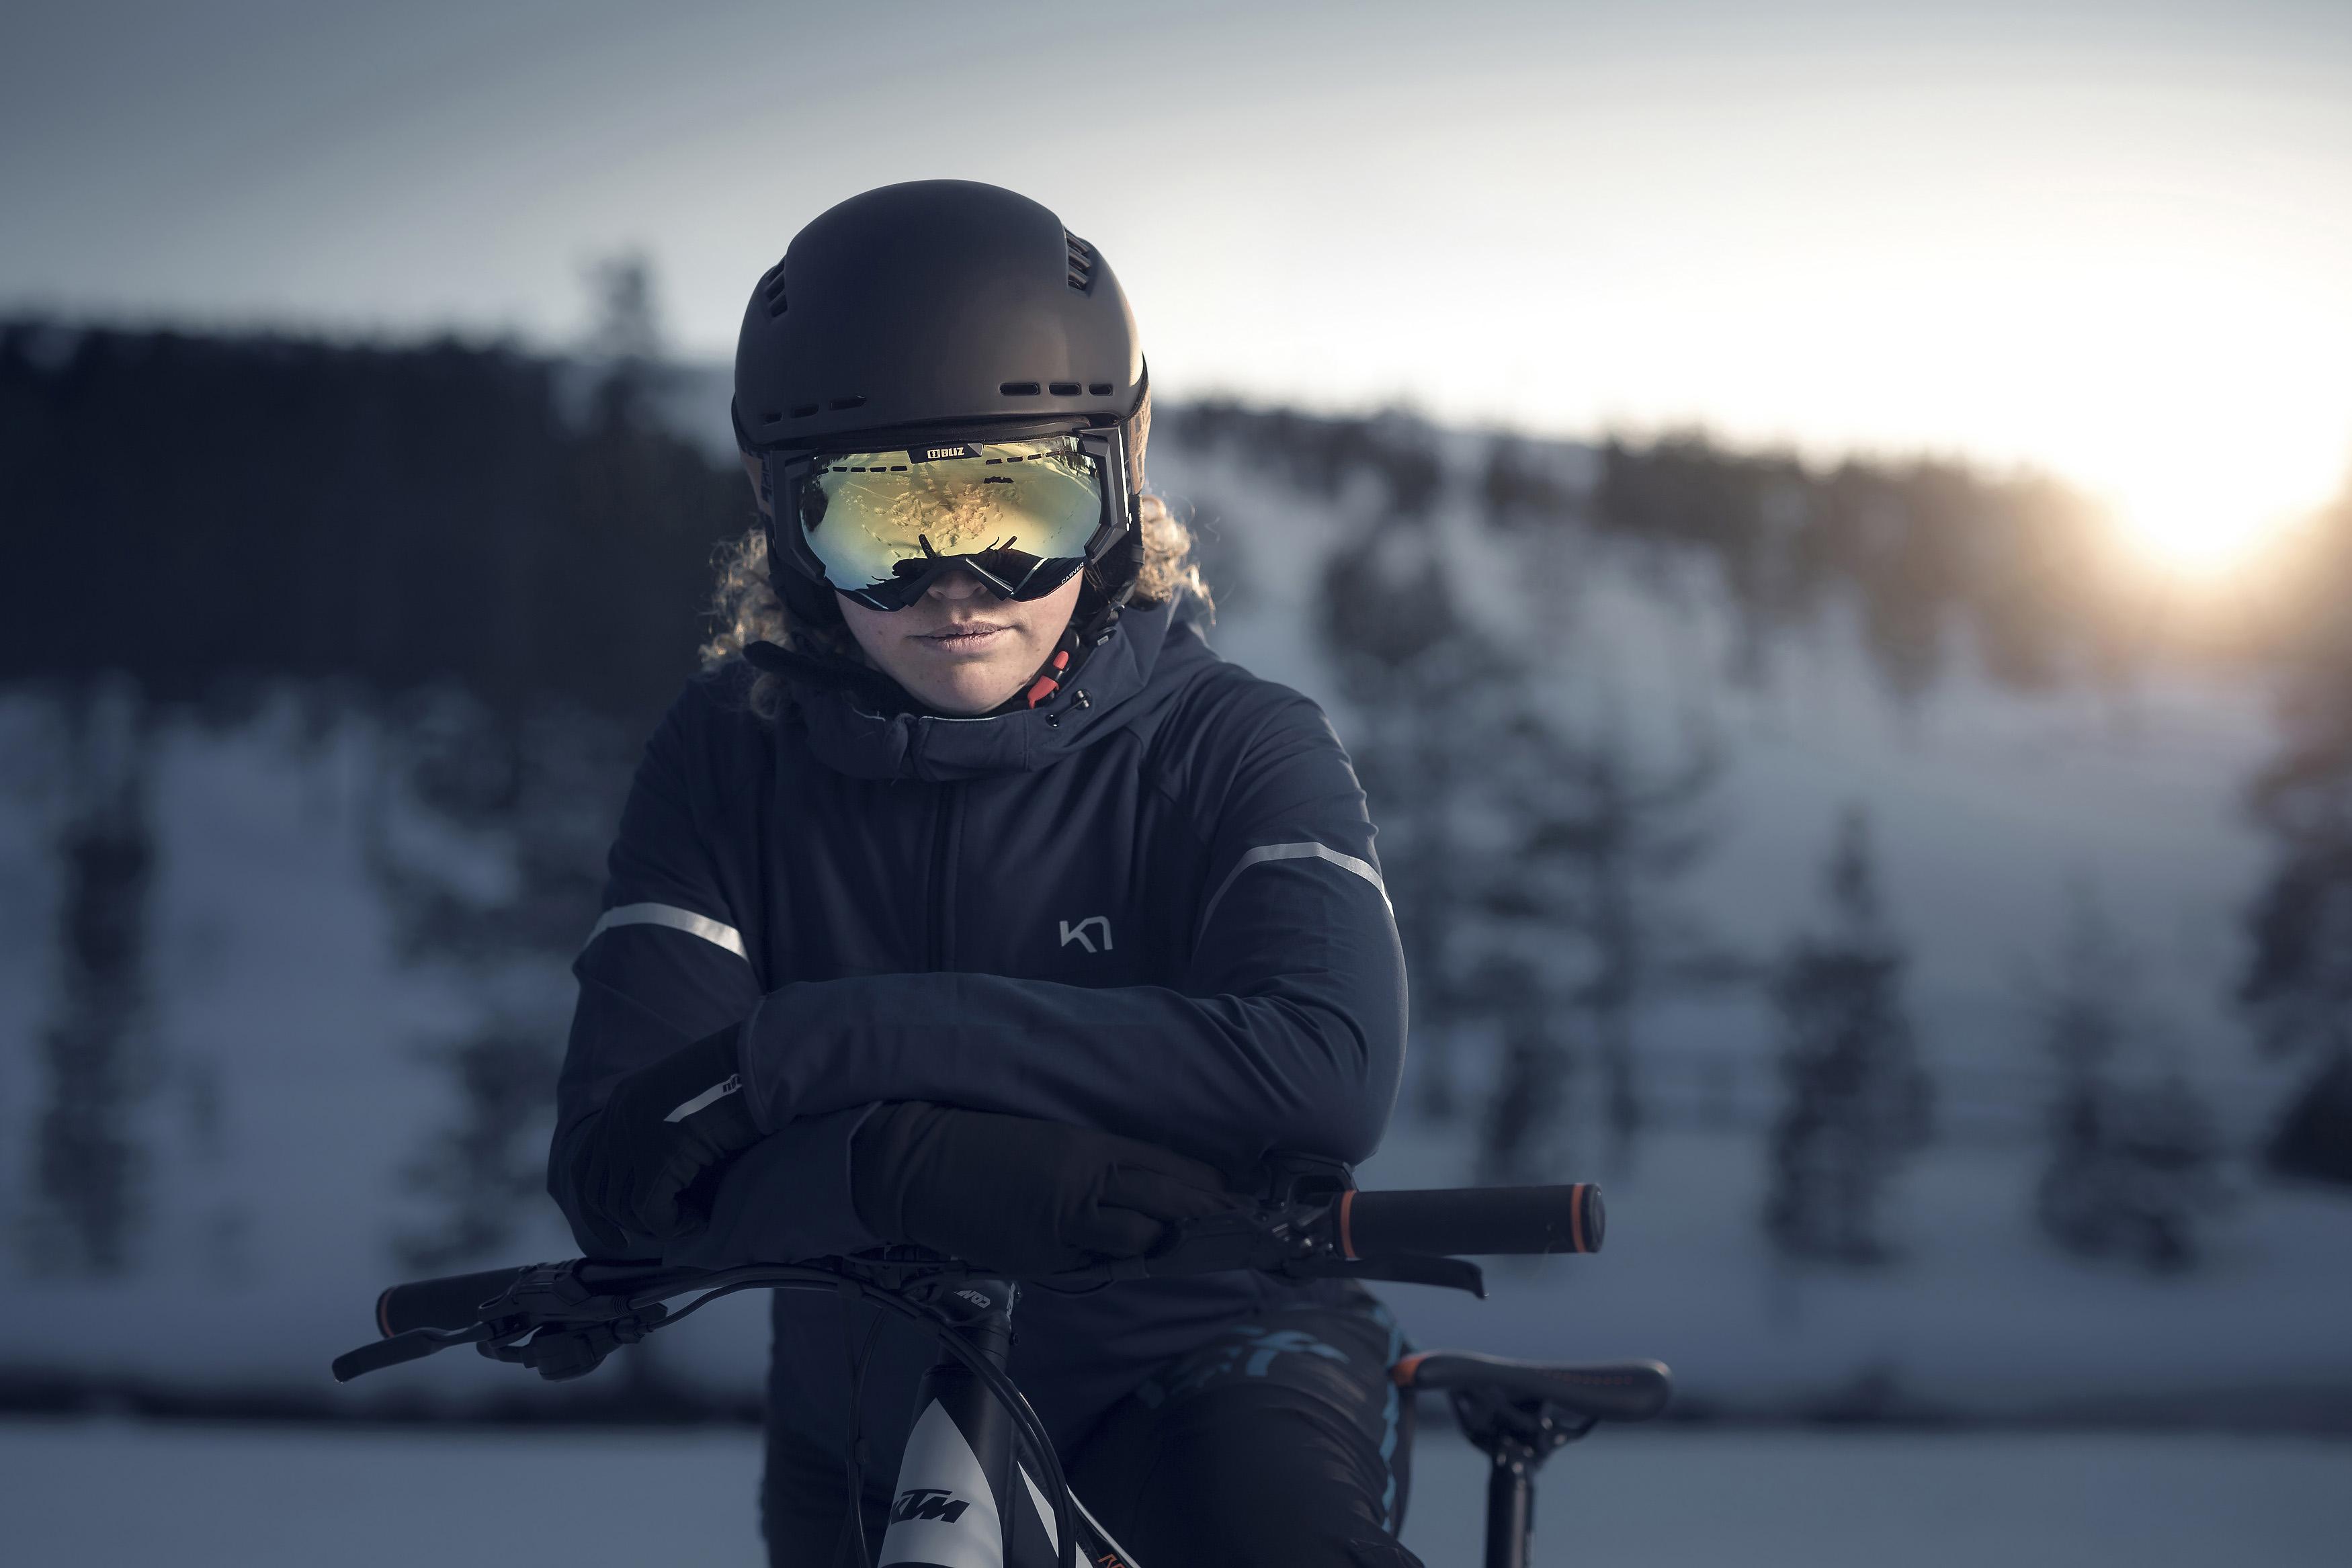 32440-19-carver-55603-10-gravity-bliz-ski-goggles-snowboard-ski-helmet-goggles-action1.jpg